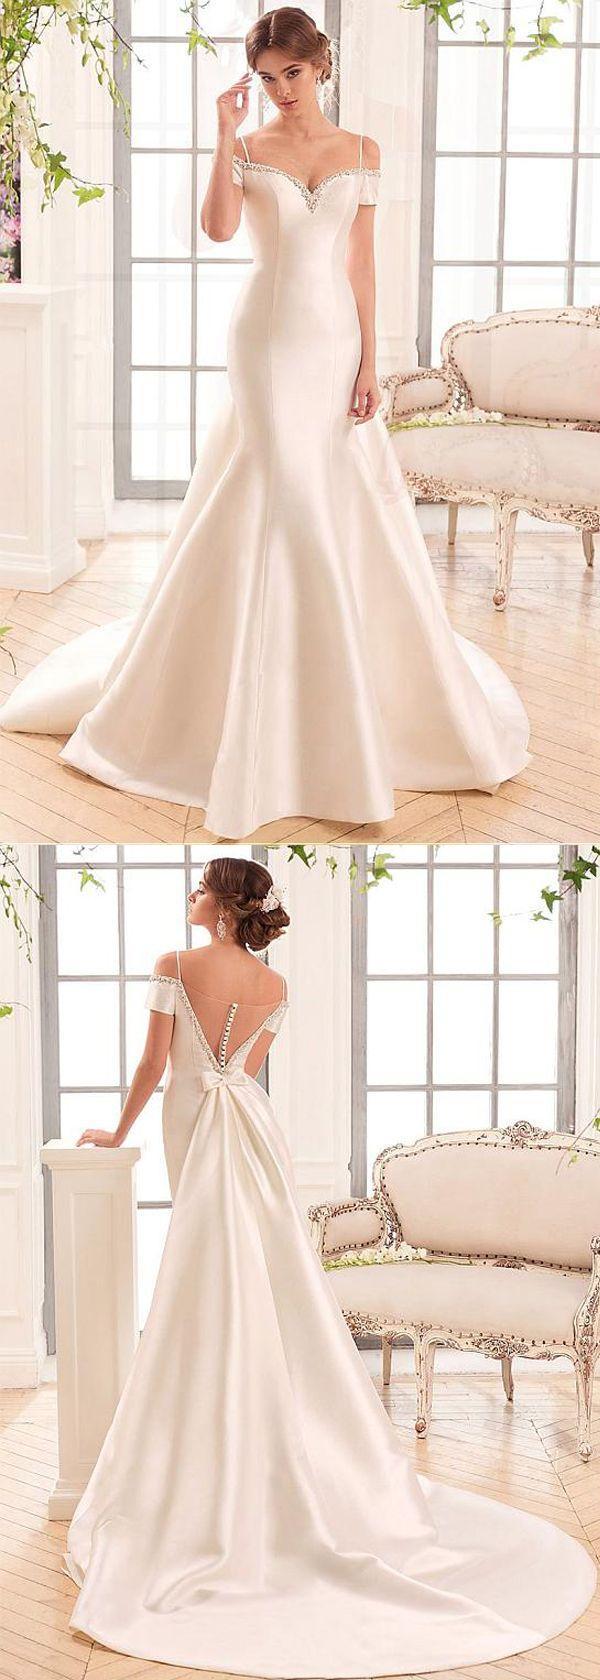 زفاف - Mag Bridal Dresses